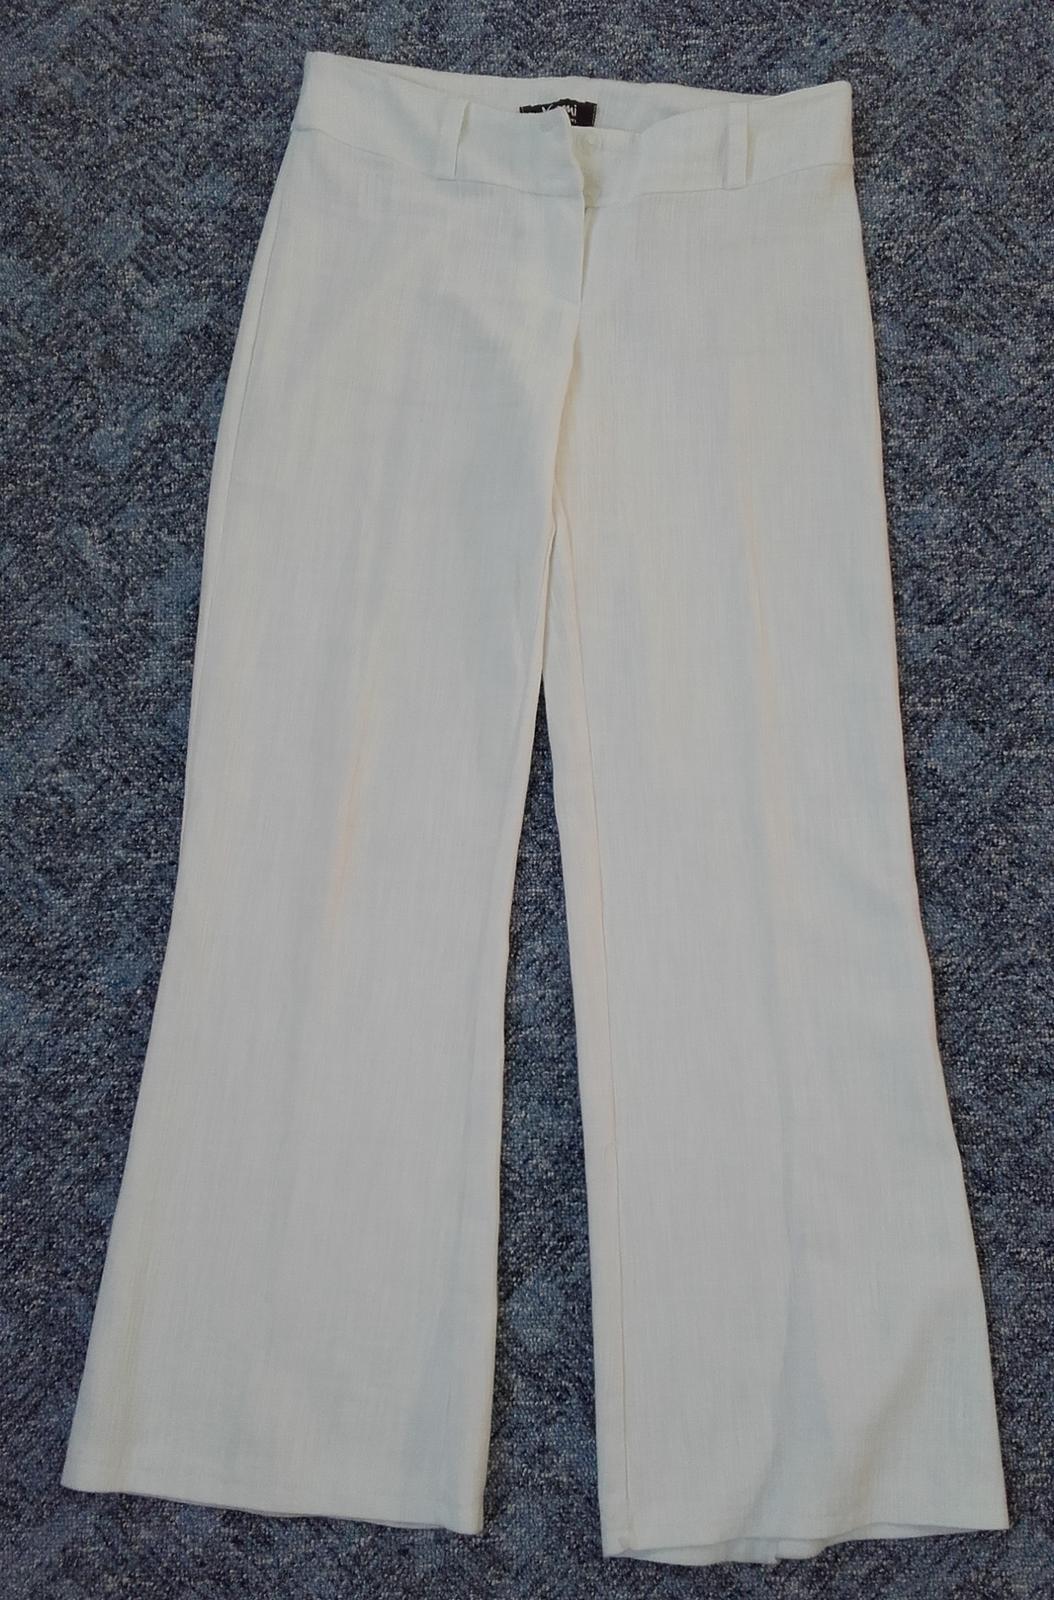 Kalhoty bílé  - Obrázek č. 1